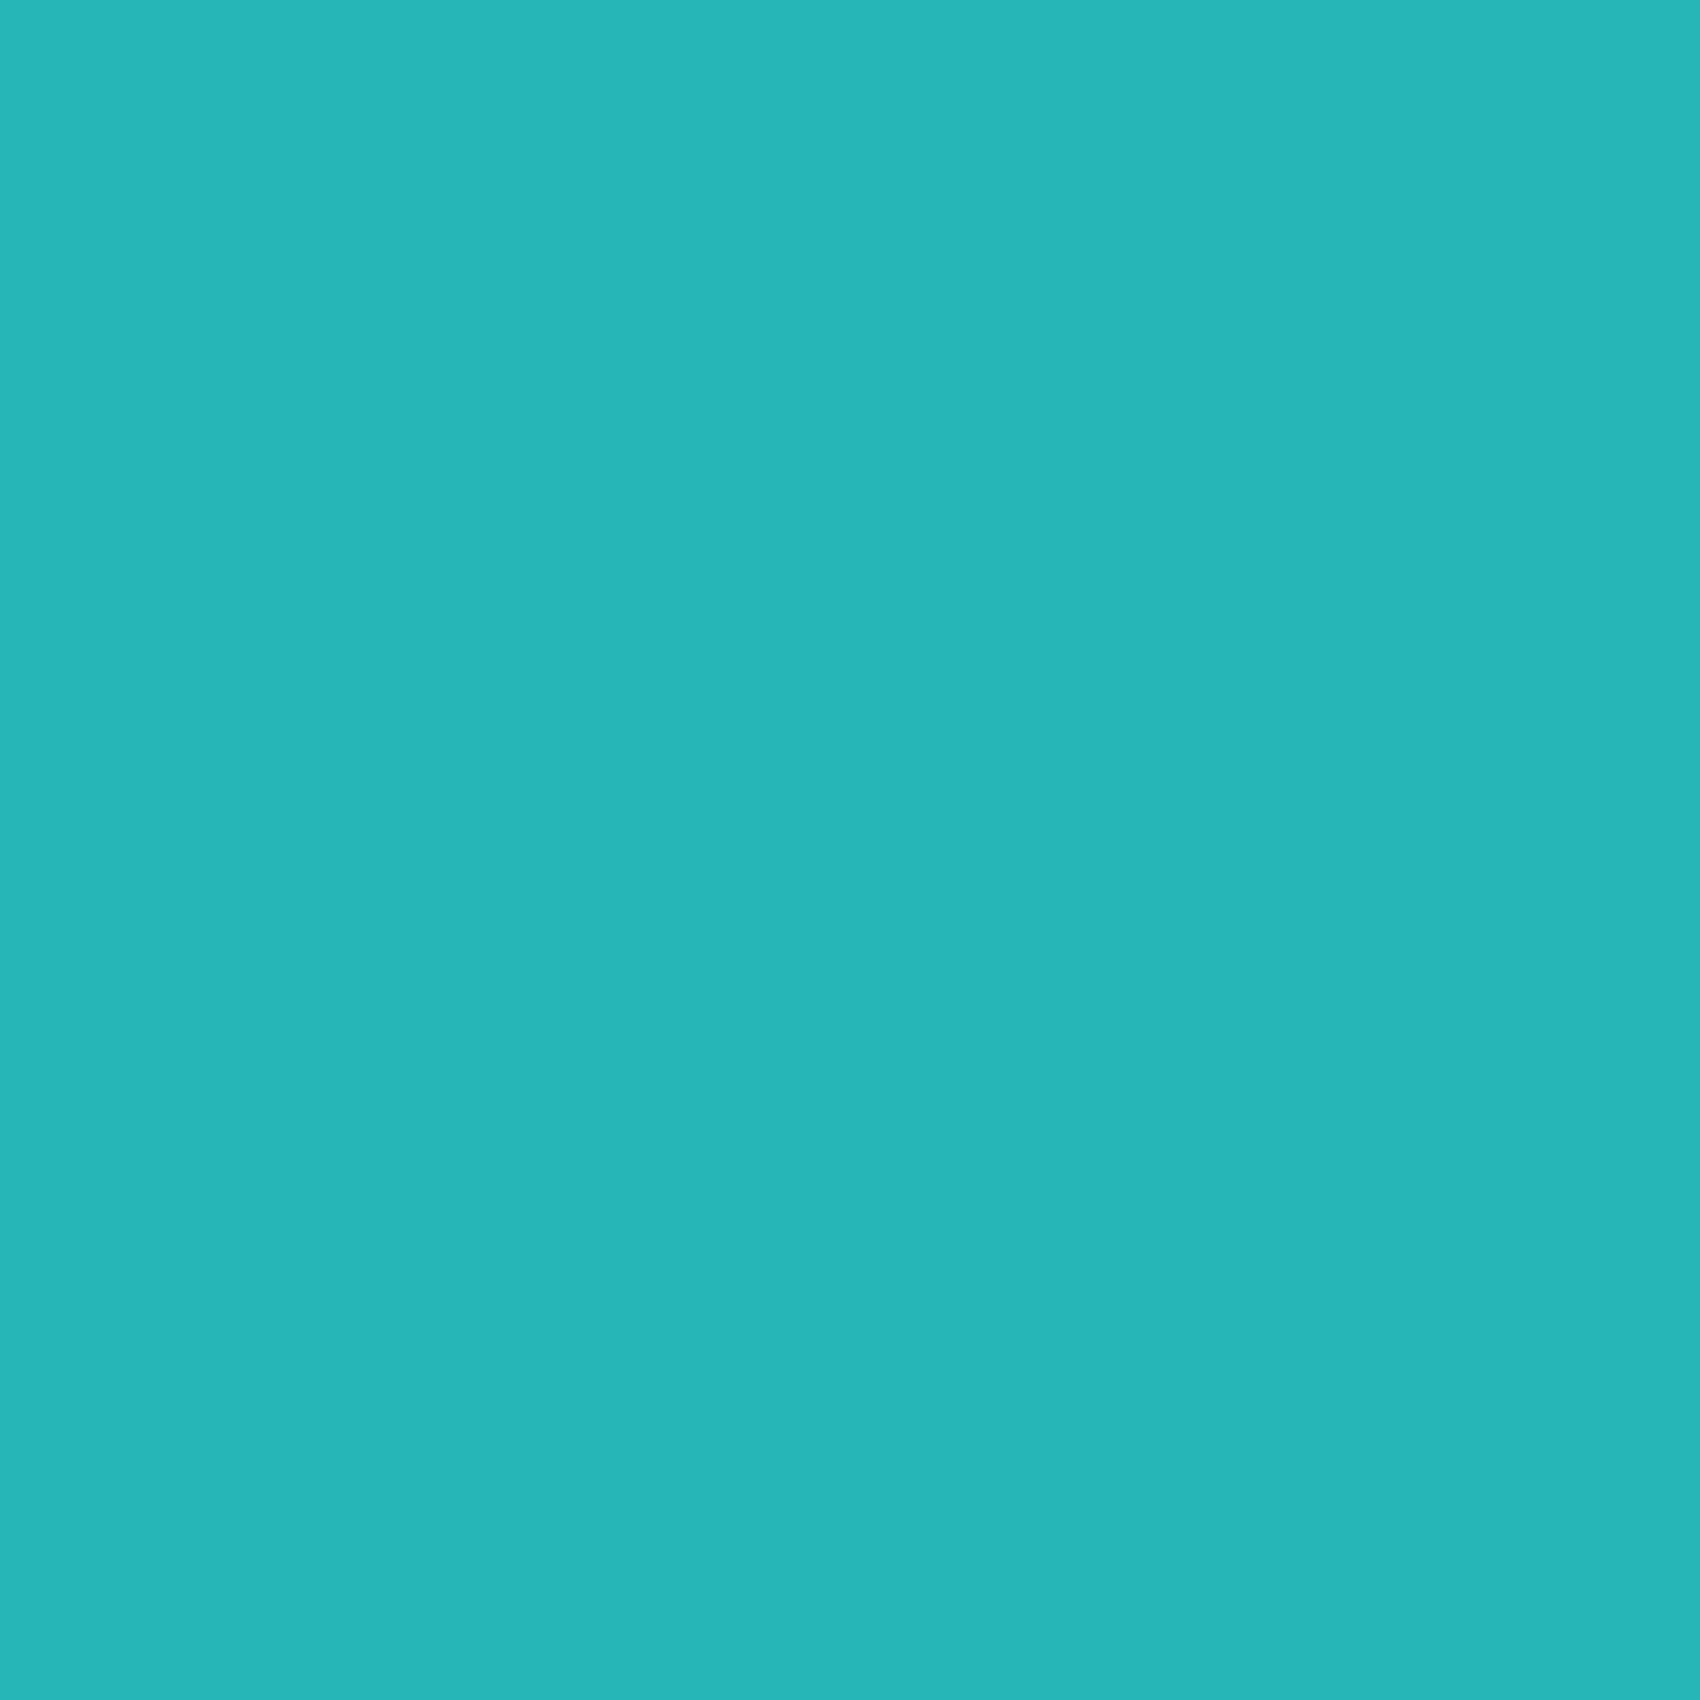 26b6b7 square image.jpg